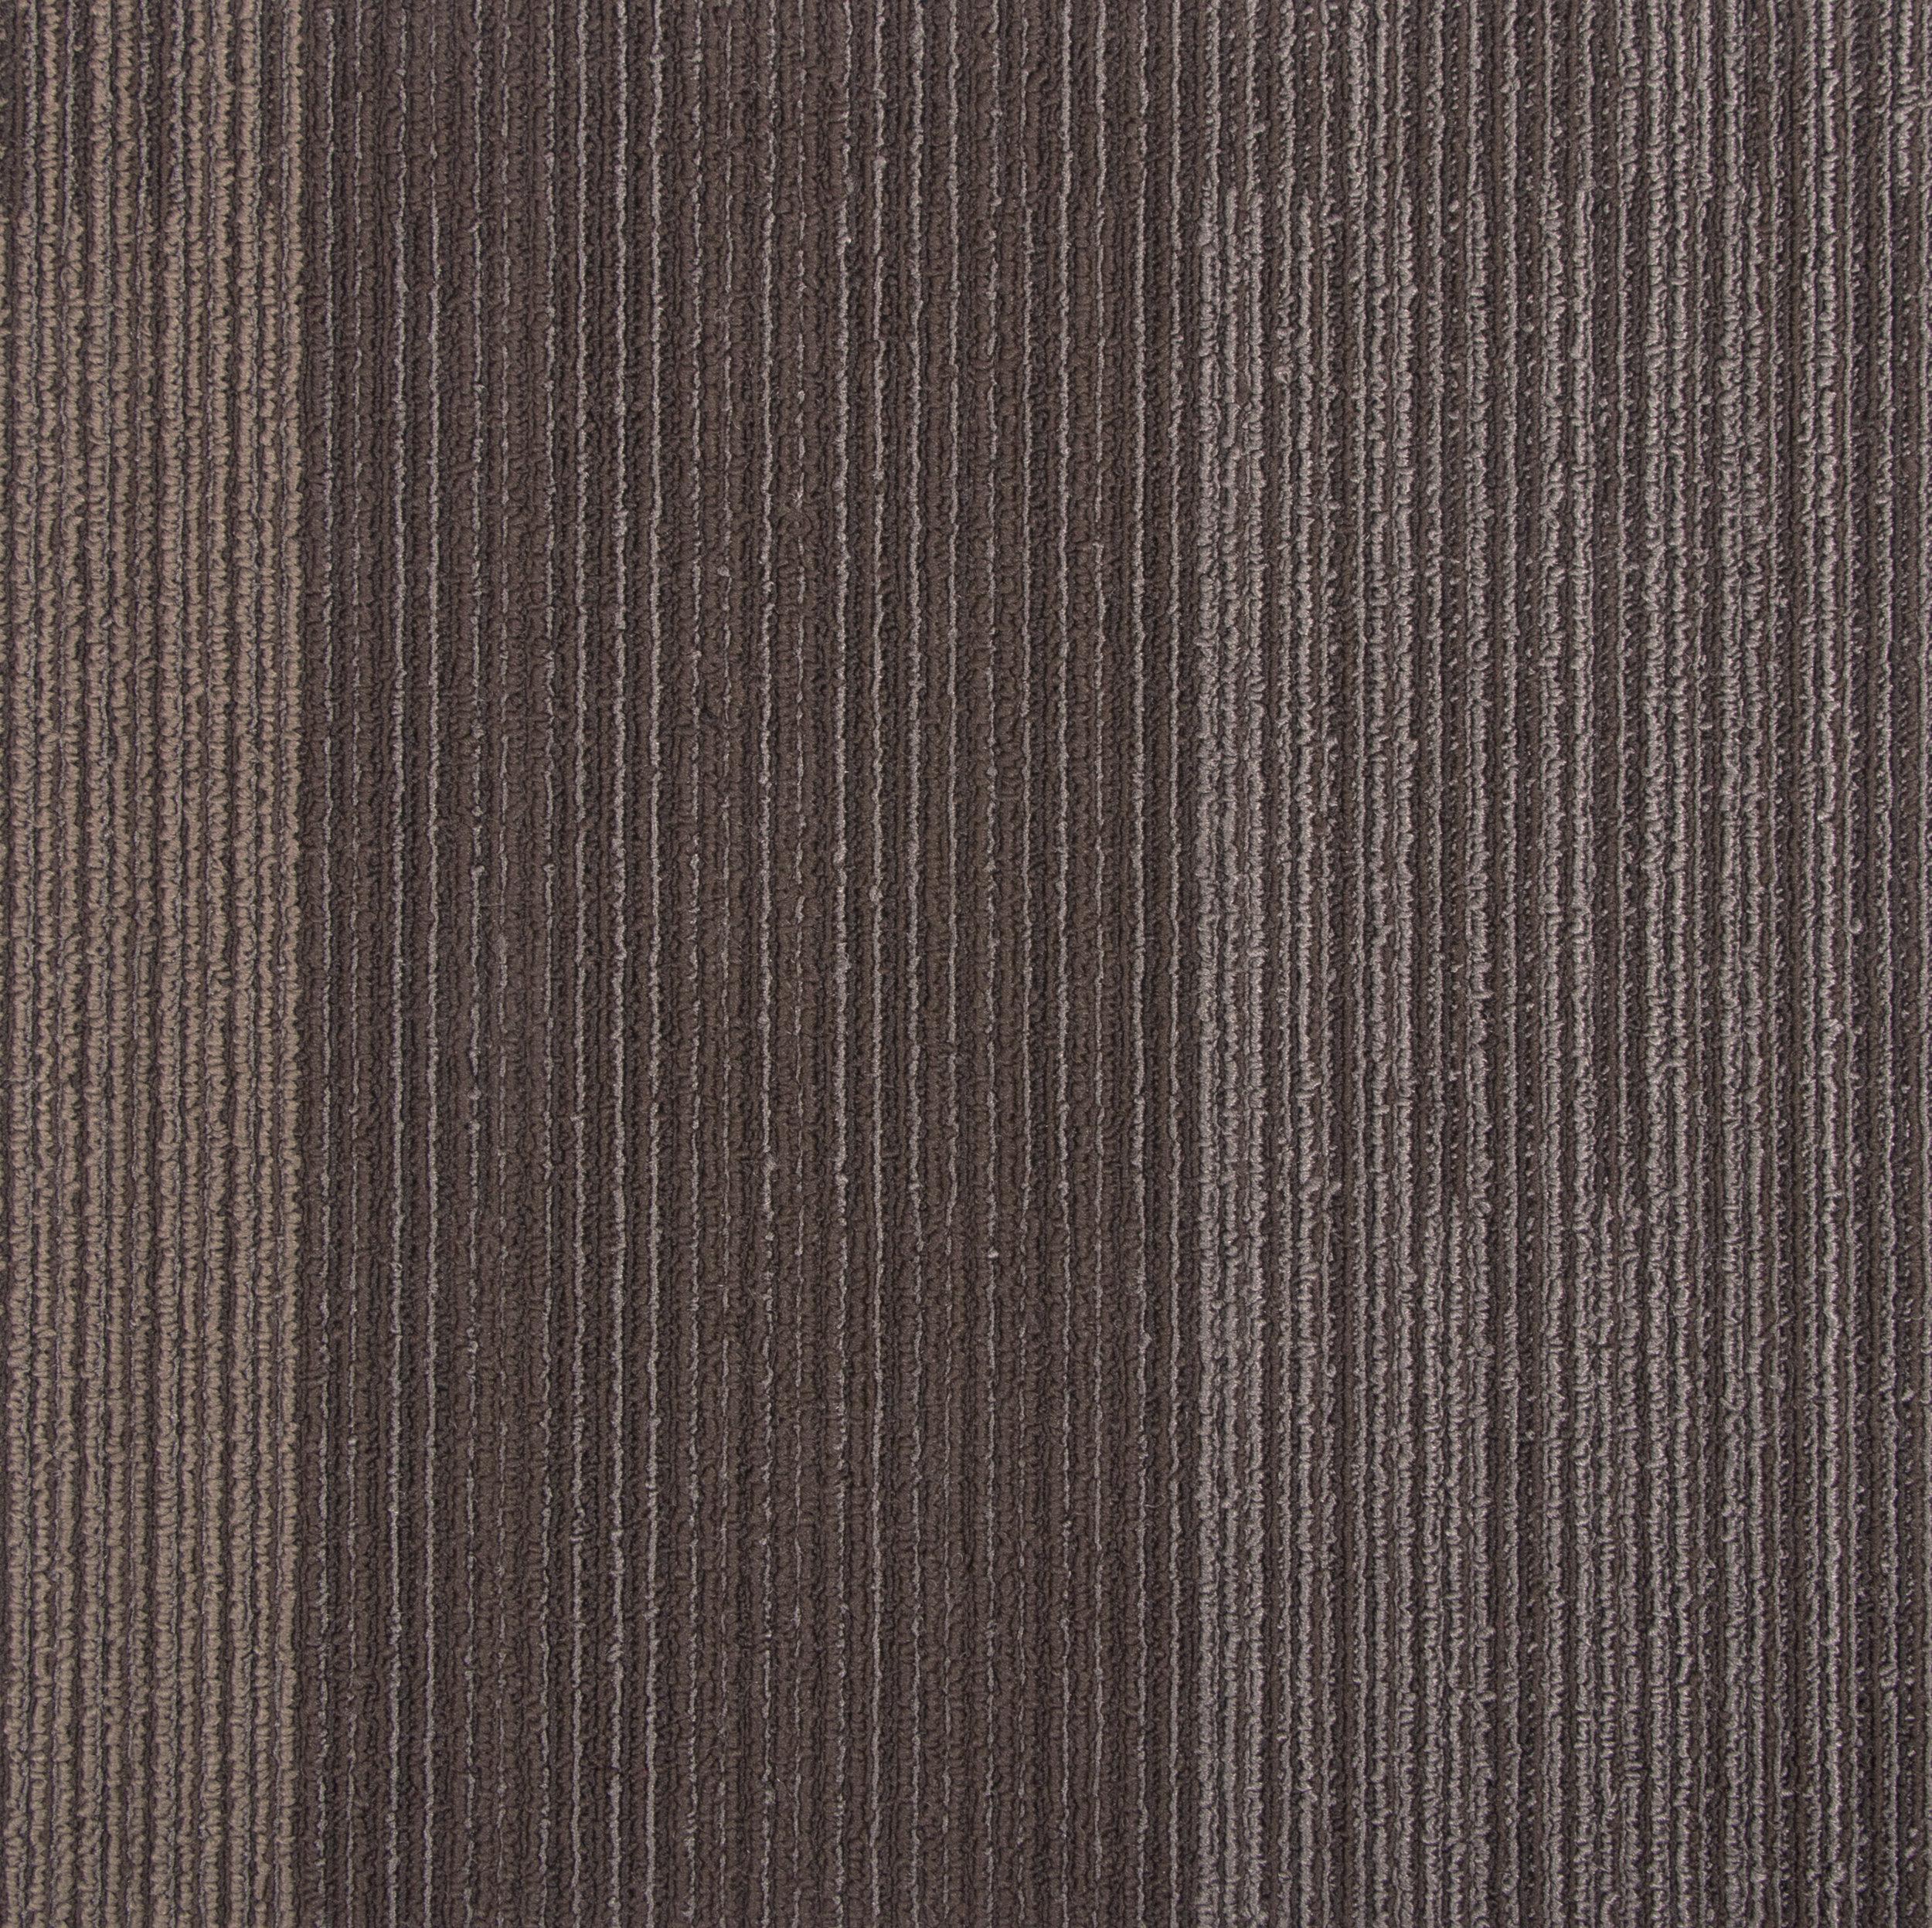 VANDYKE BROWN — 50216